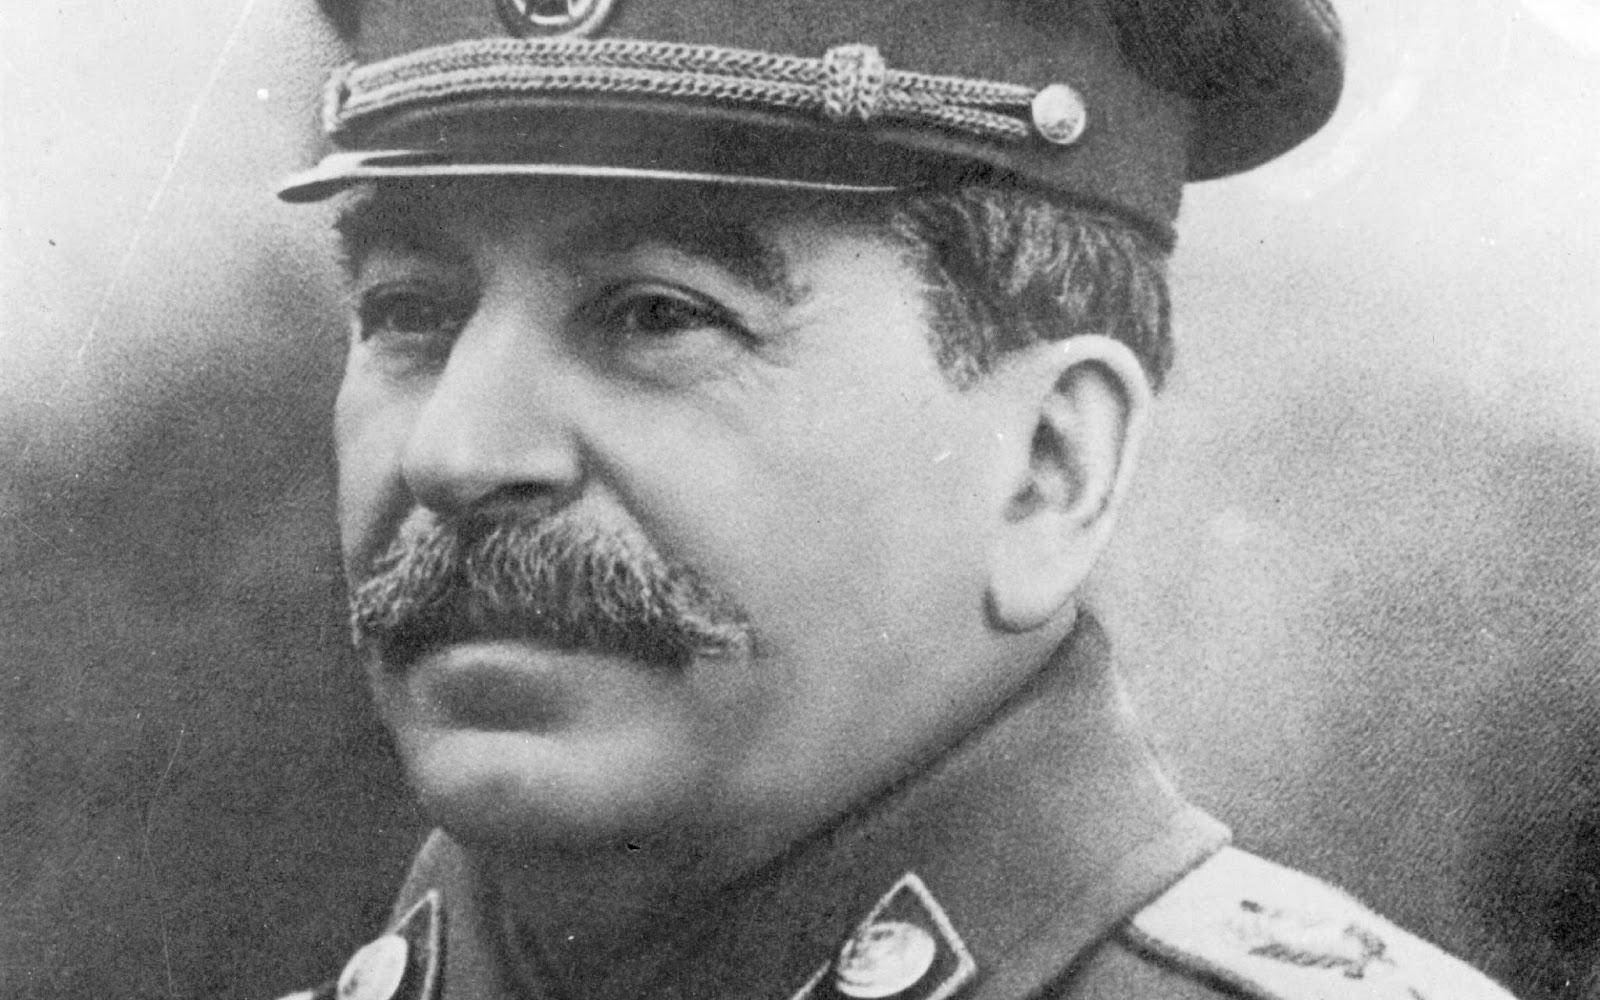 Сталин остается между поклонением и проклятиями